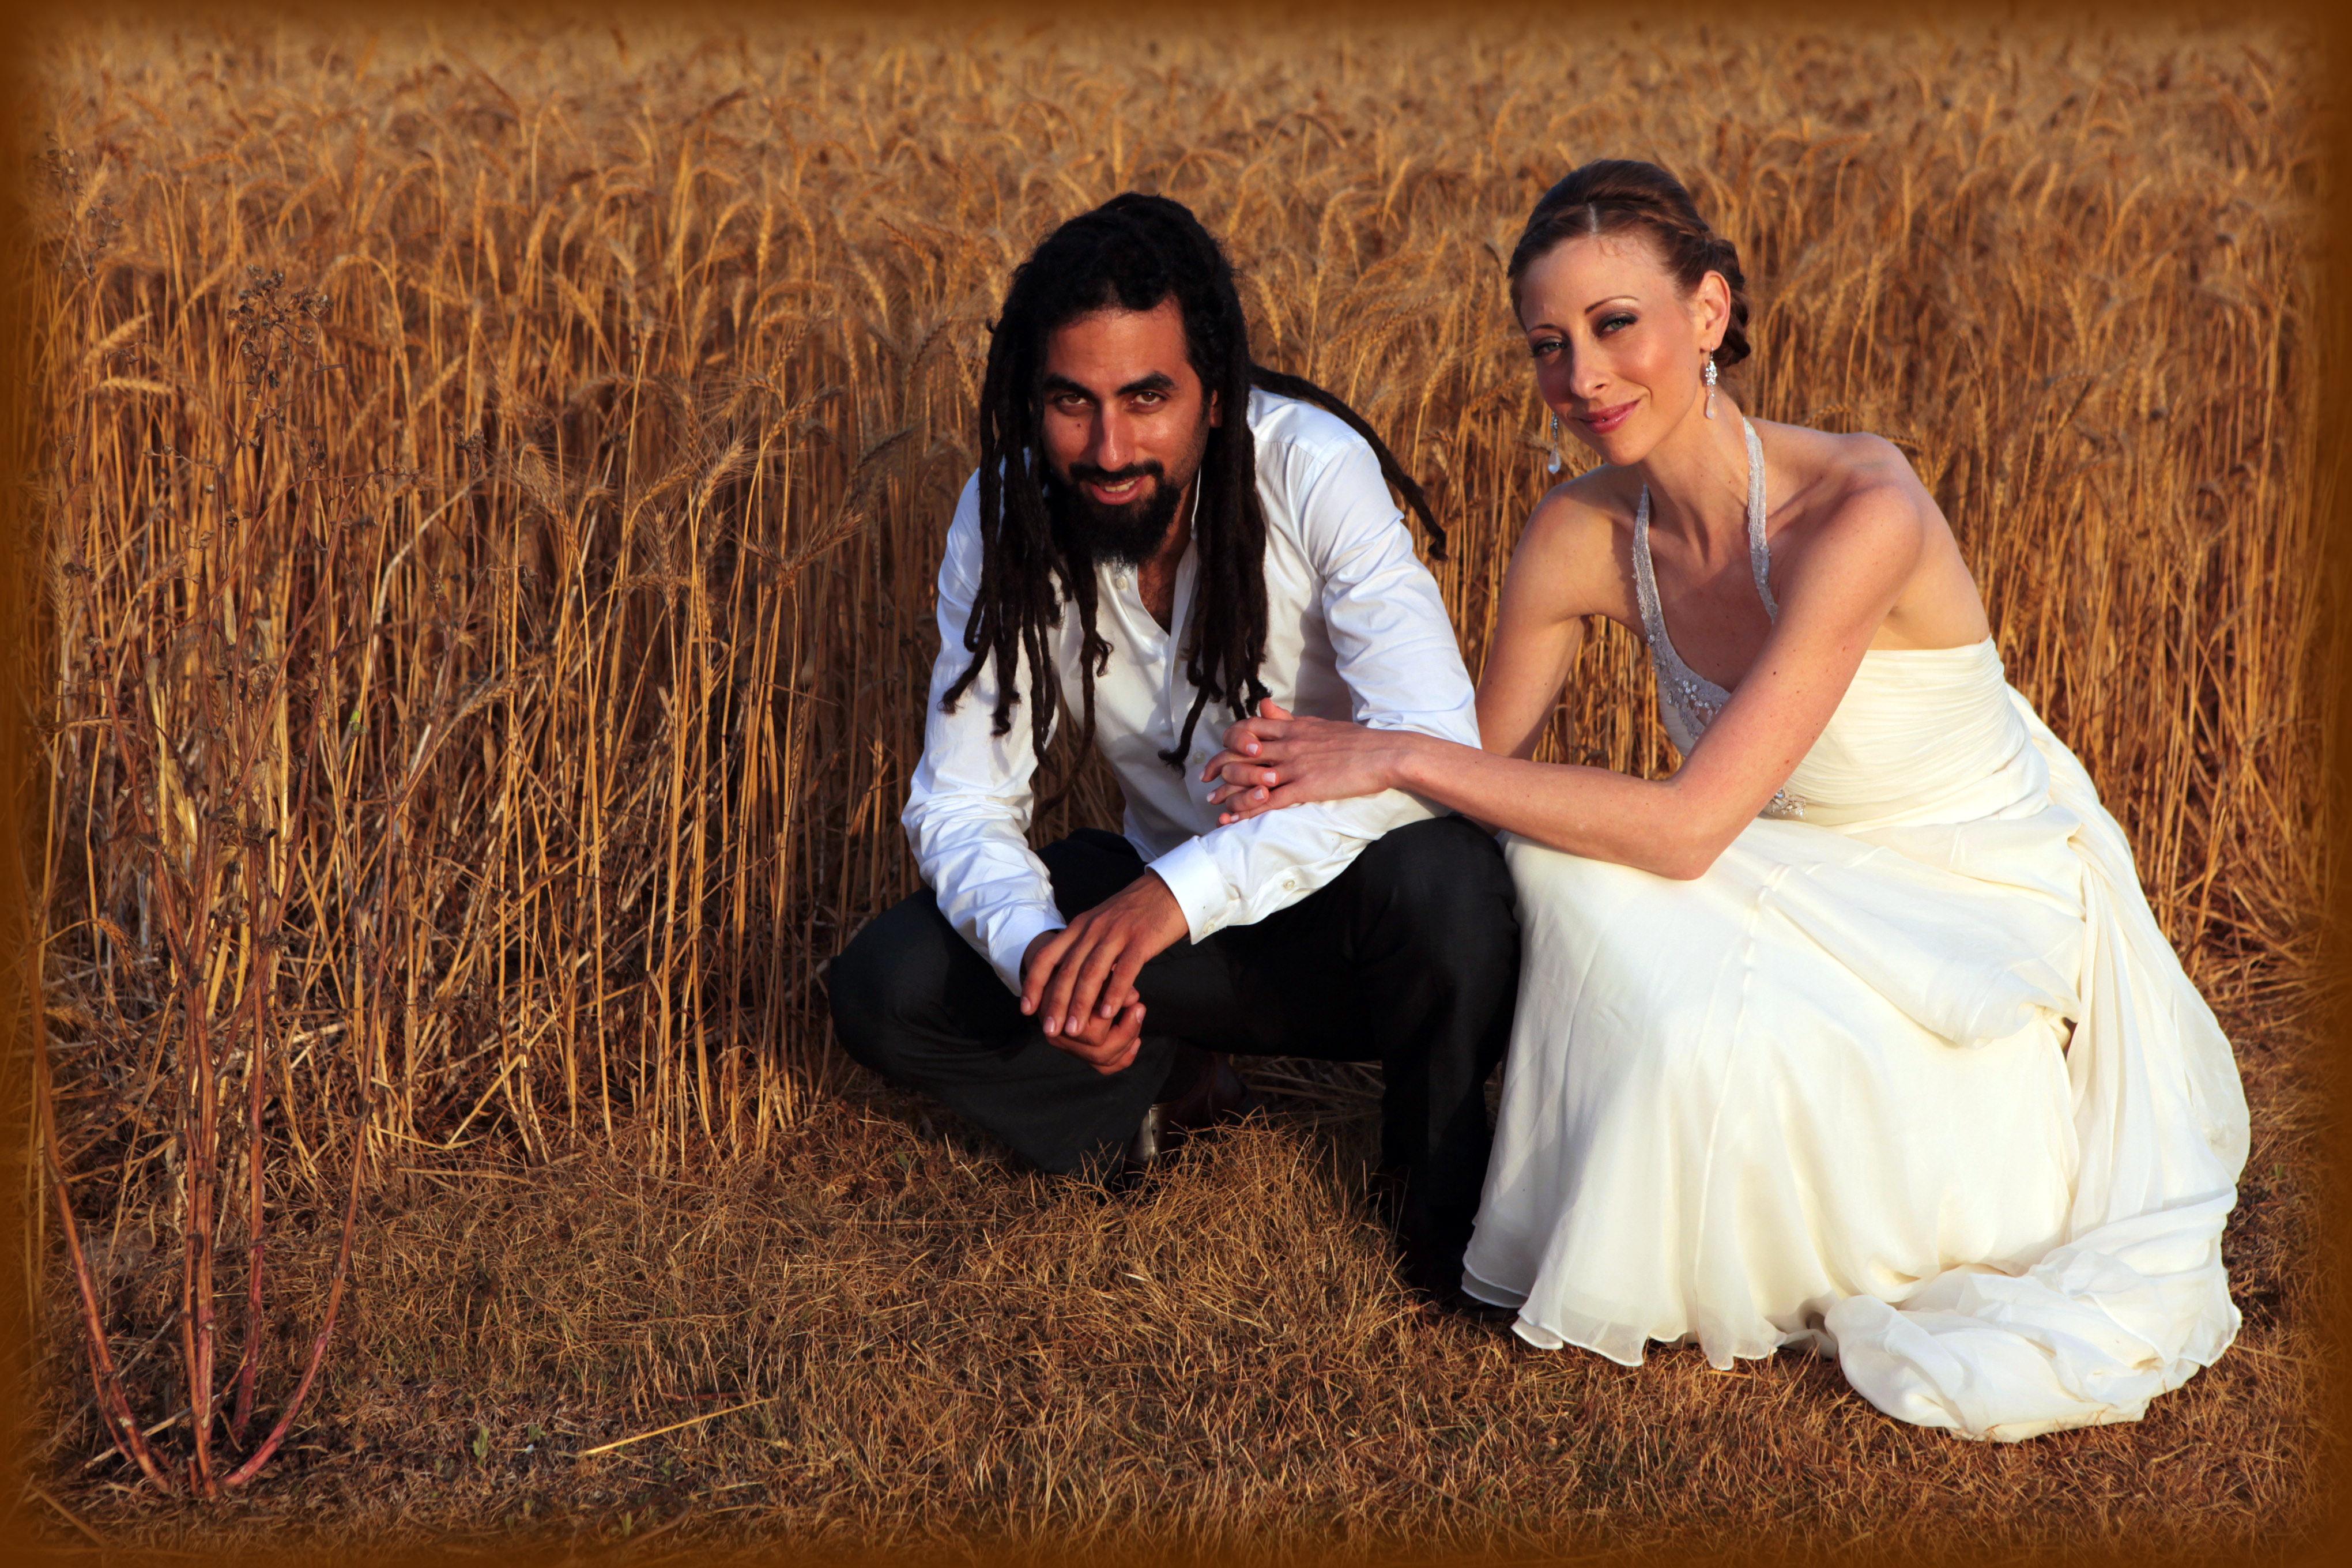 החתונה של אורנה וליאור 17.05.09